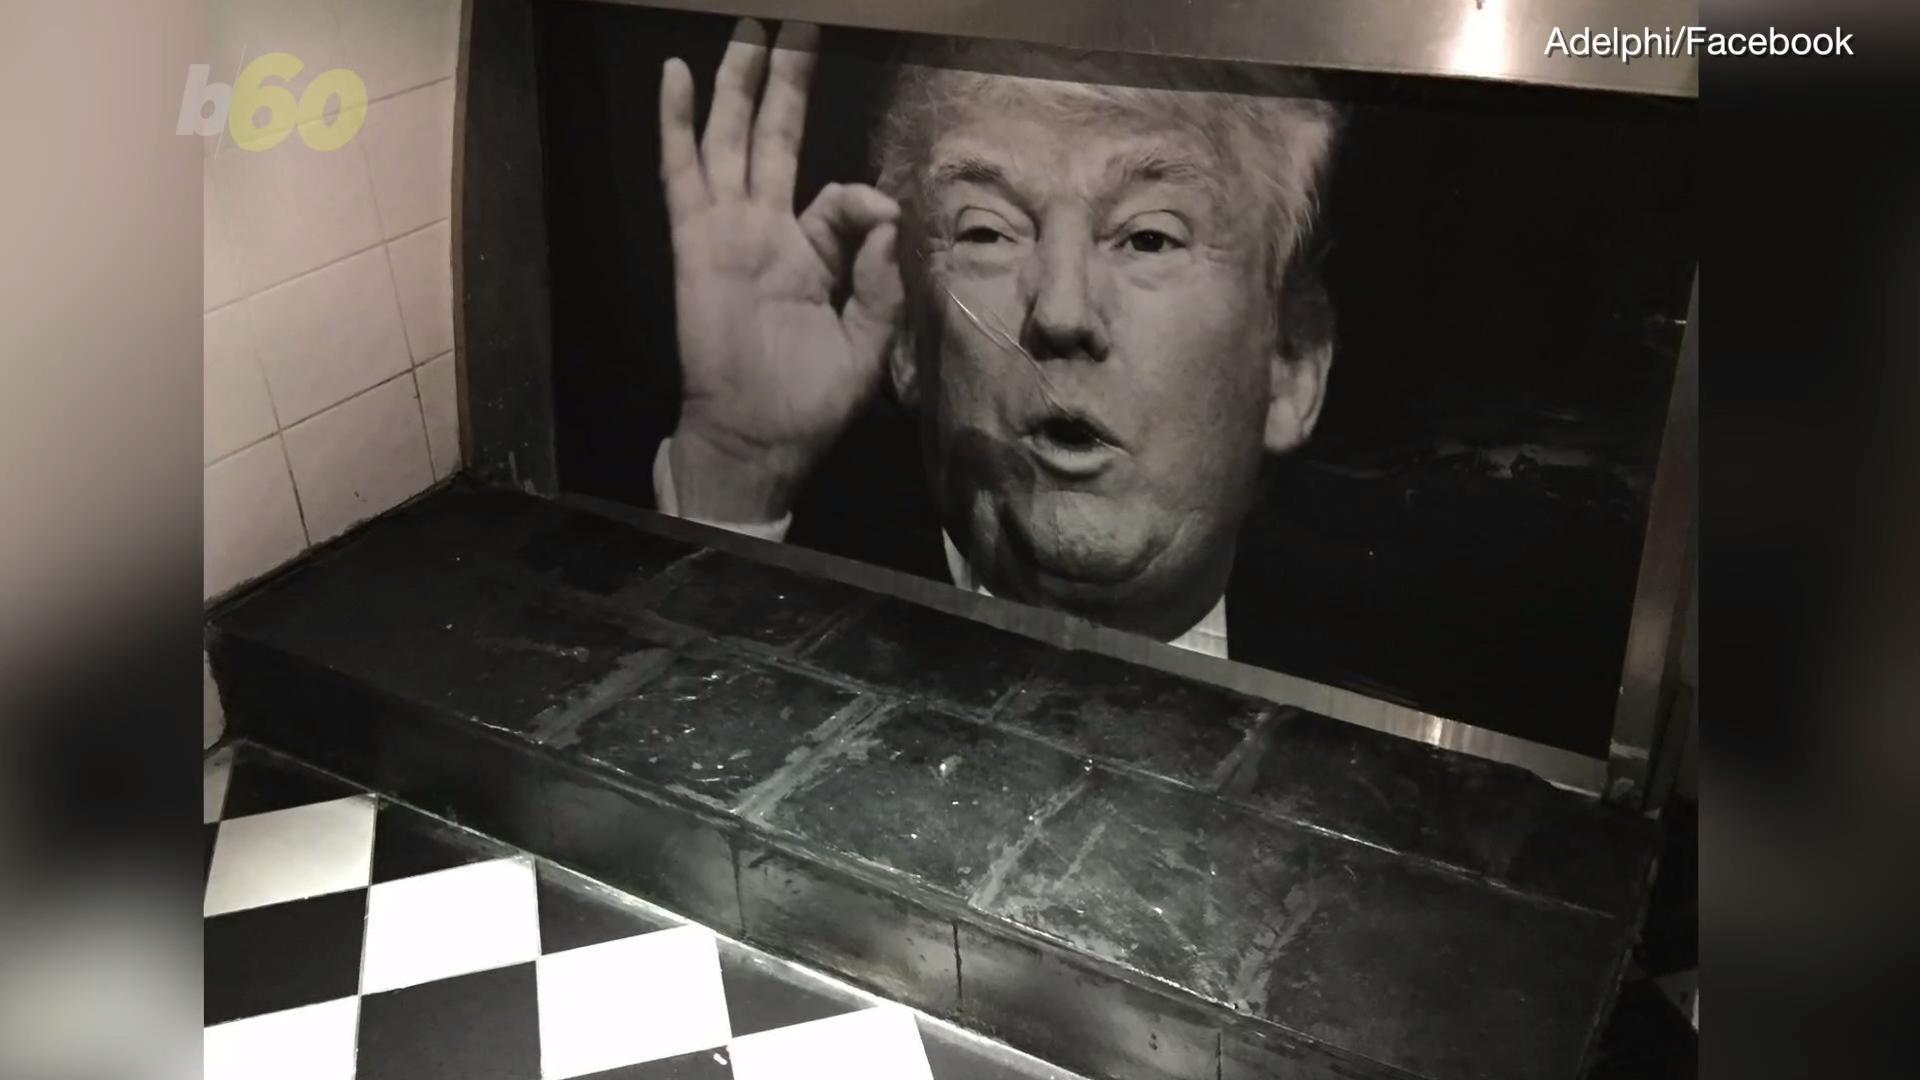 Dublin Bar Offers Reward for Stolen Urinal Mural Of Trump